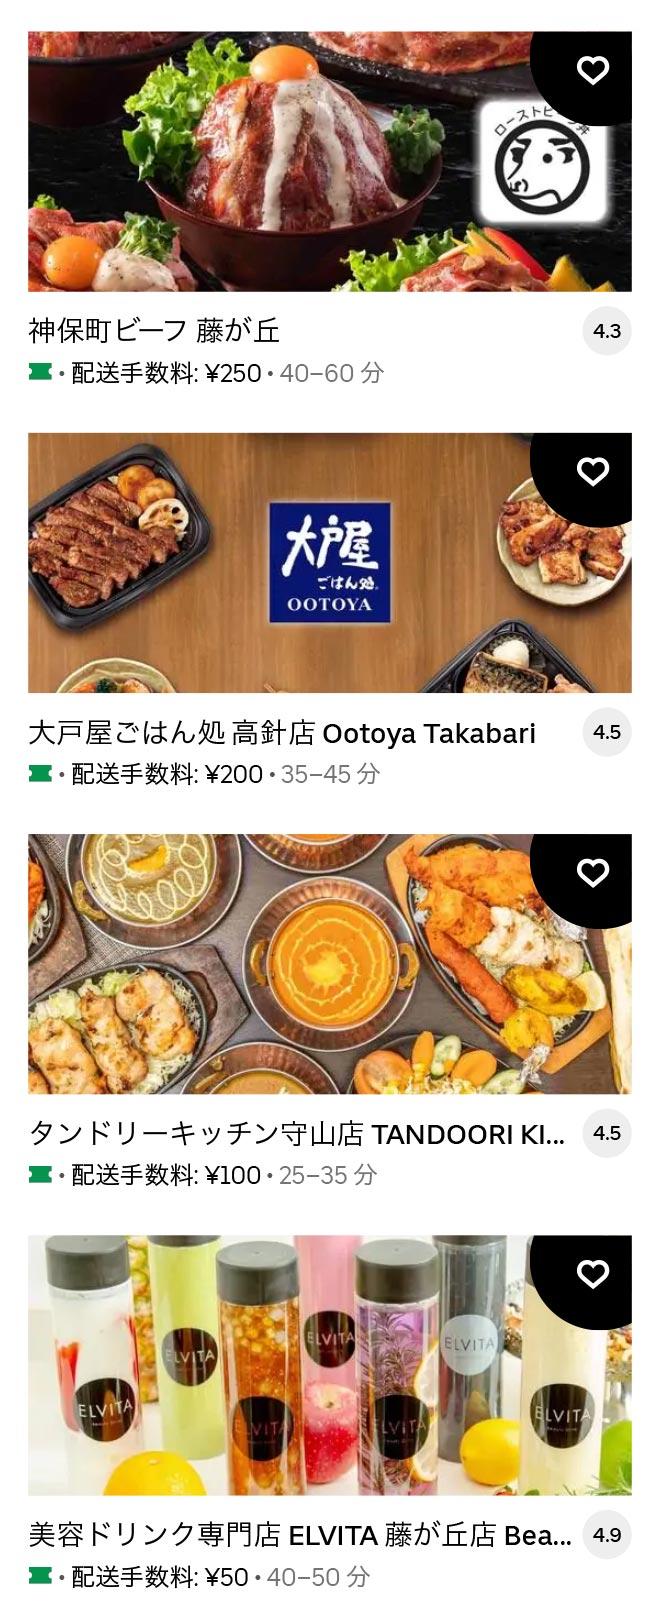 U fujigaoka 2105 06